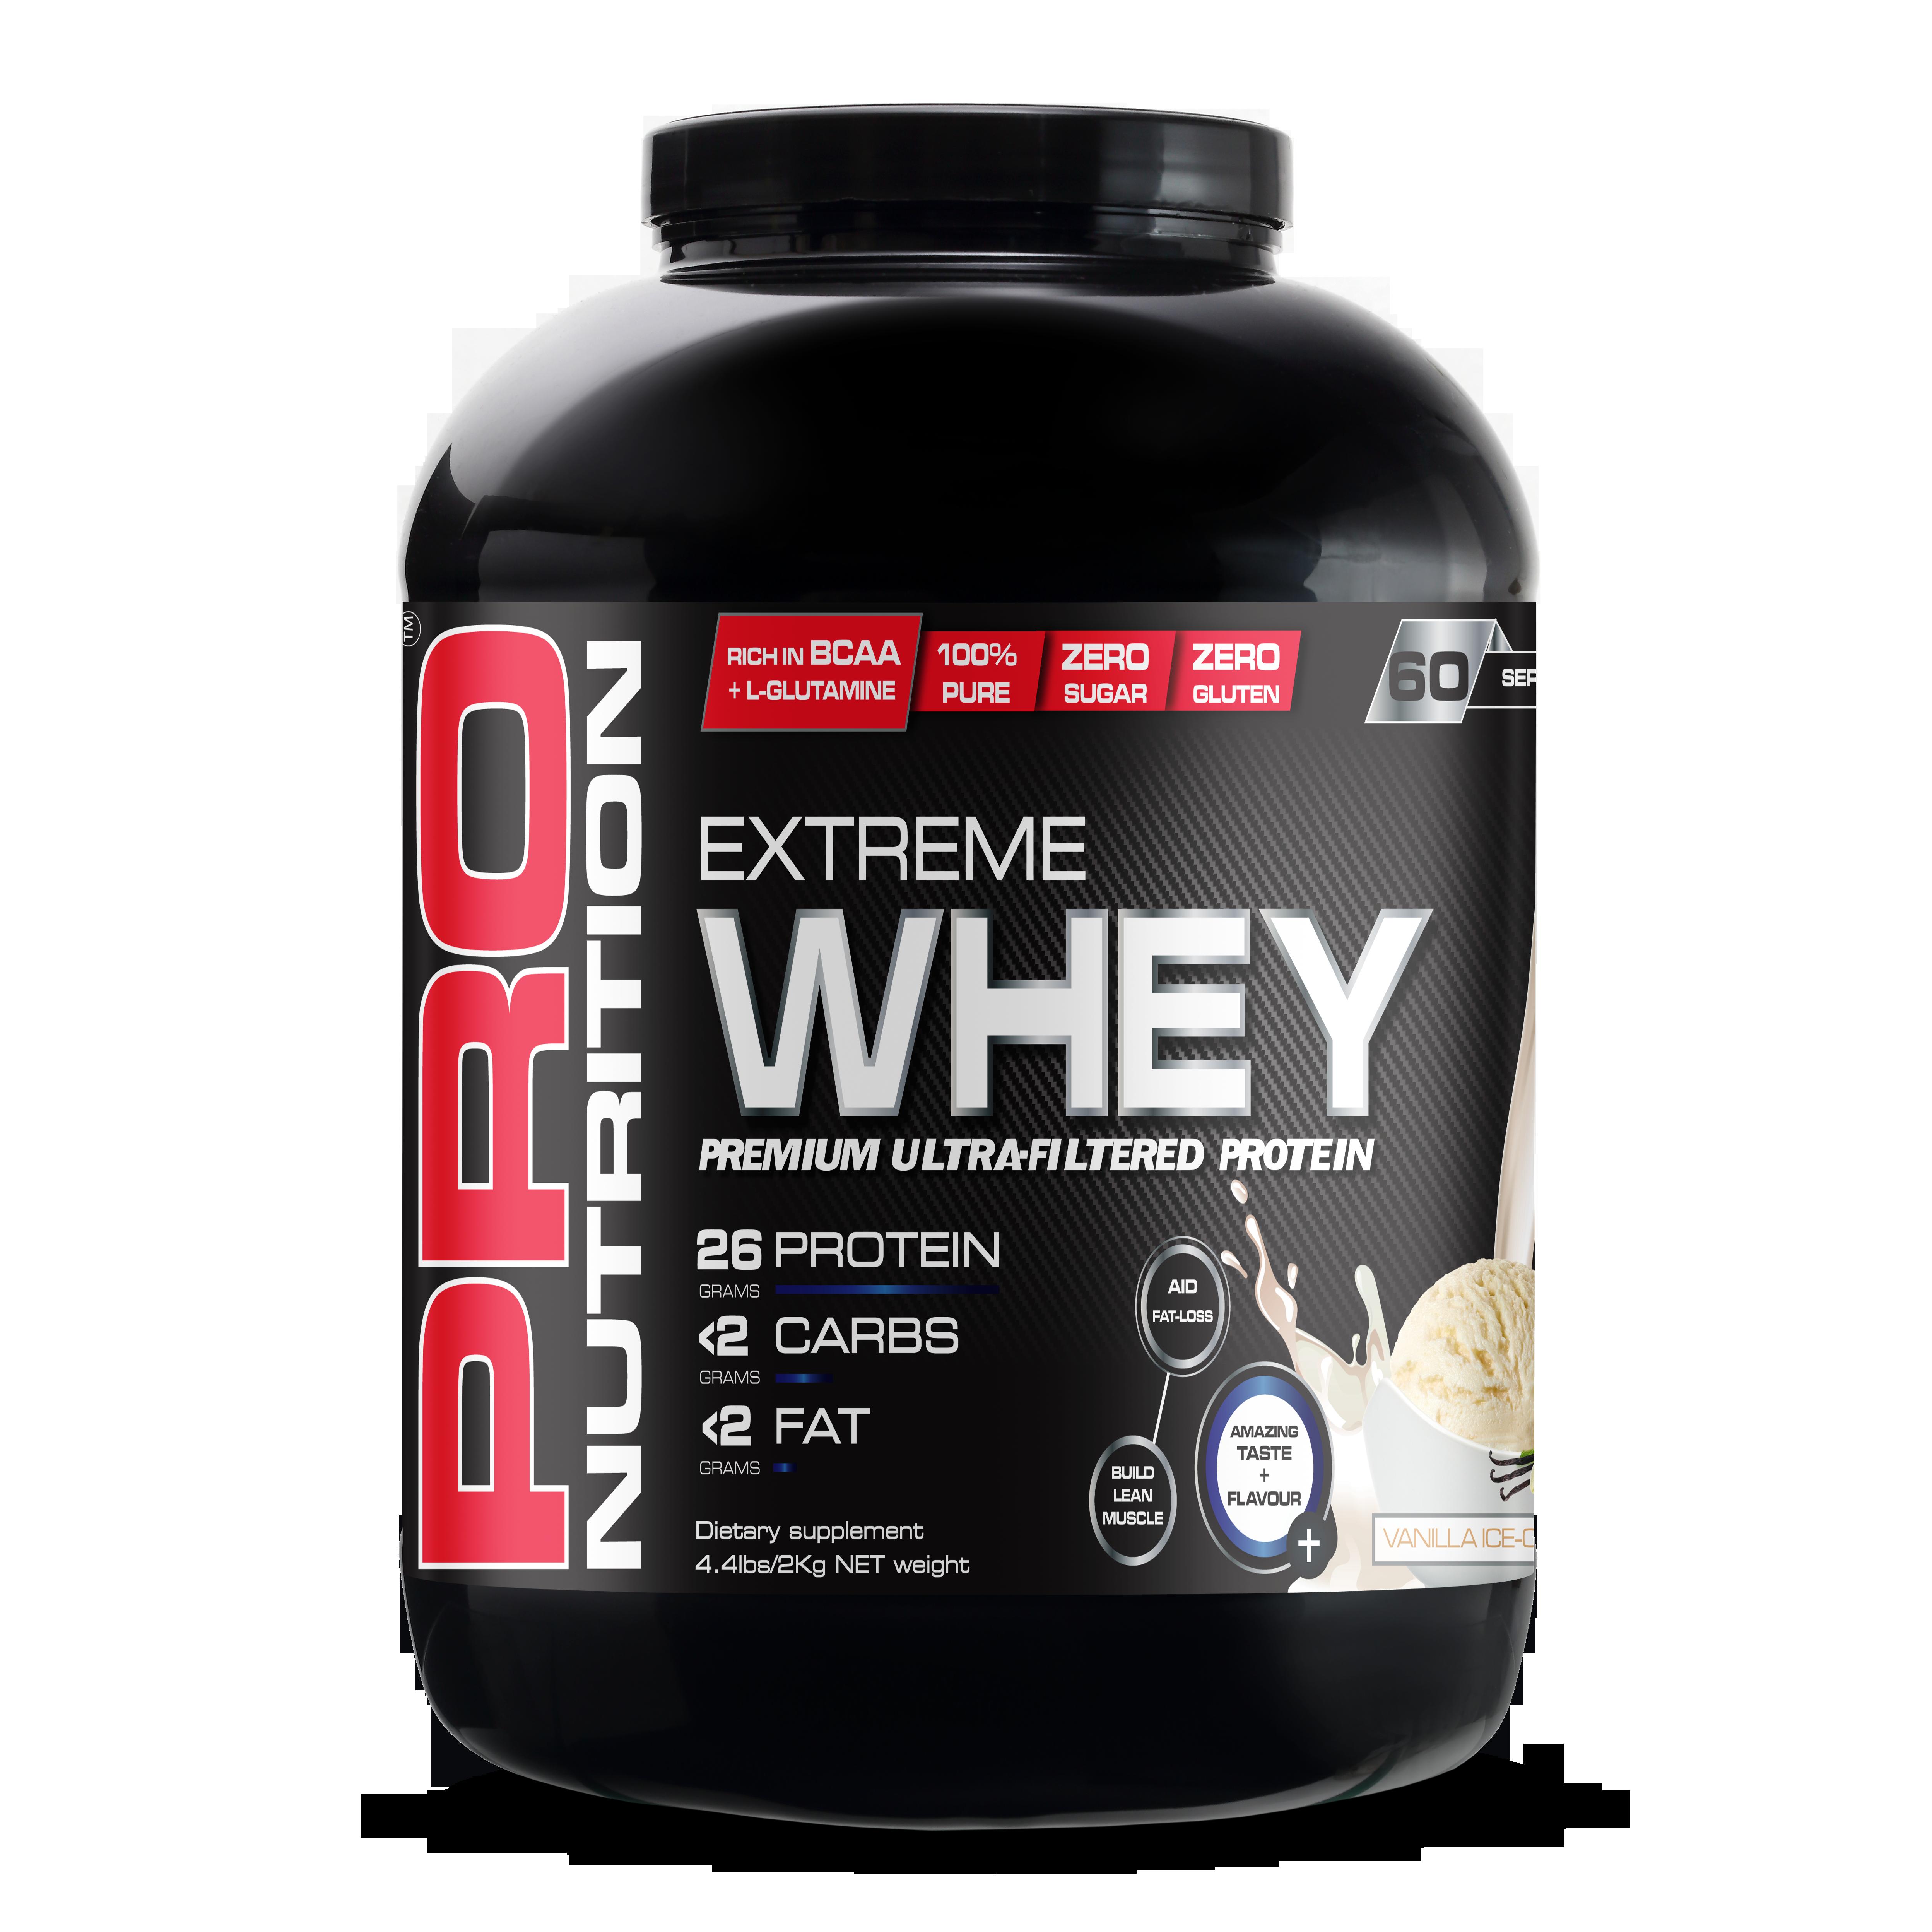 Extreme whey protein